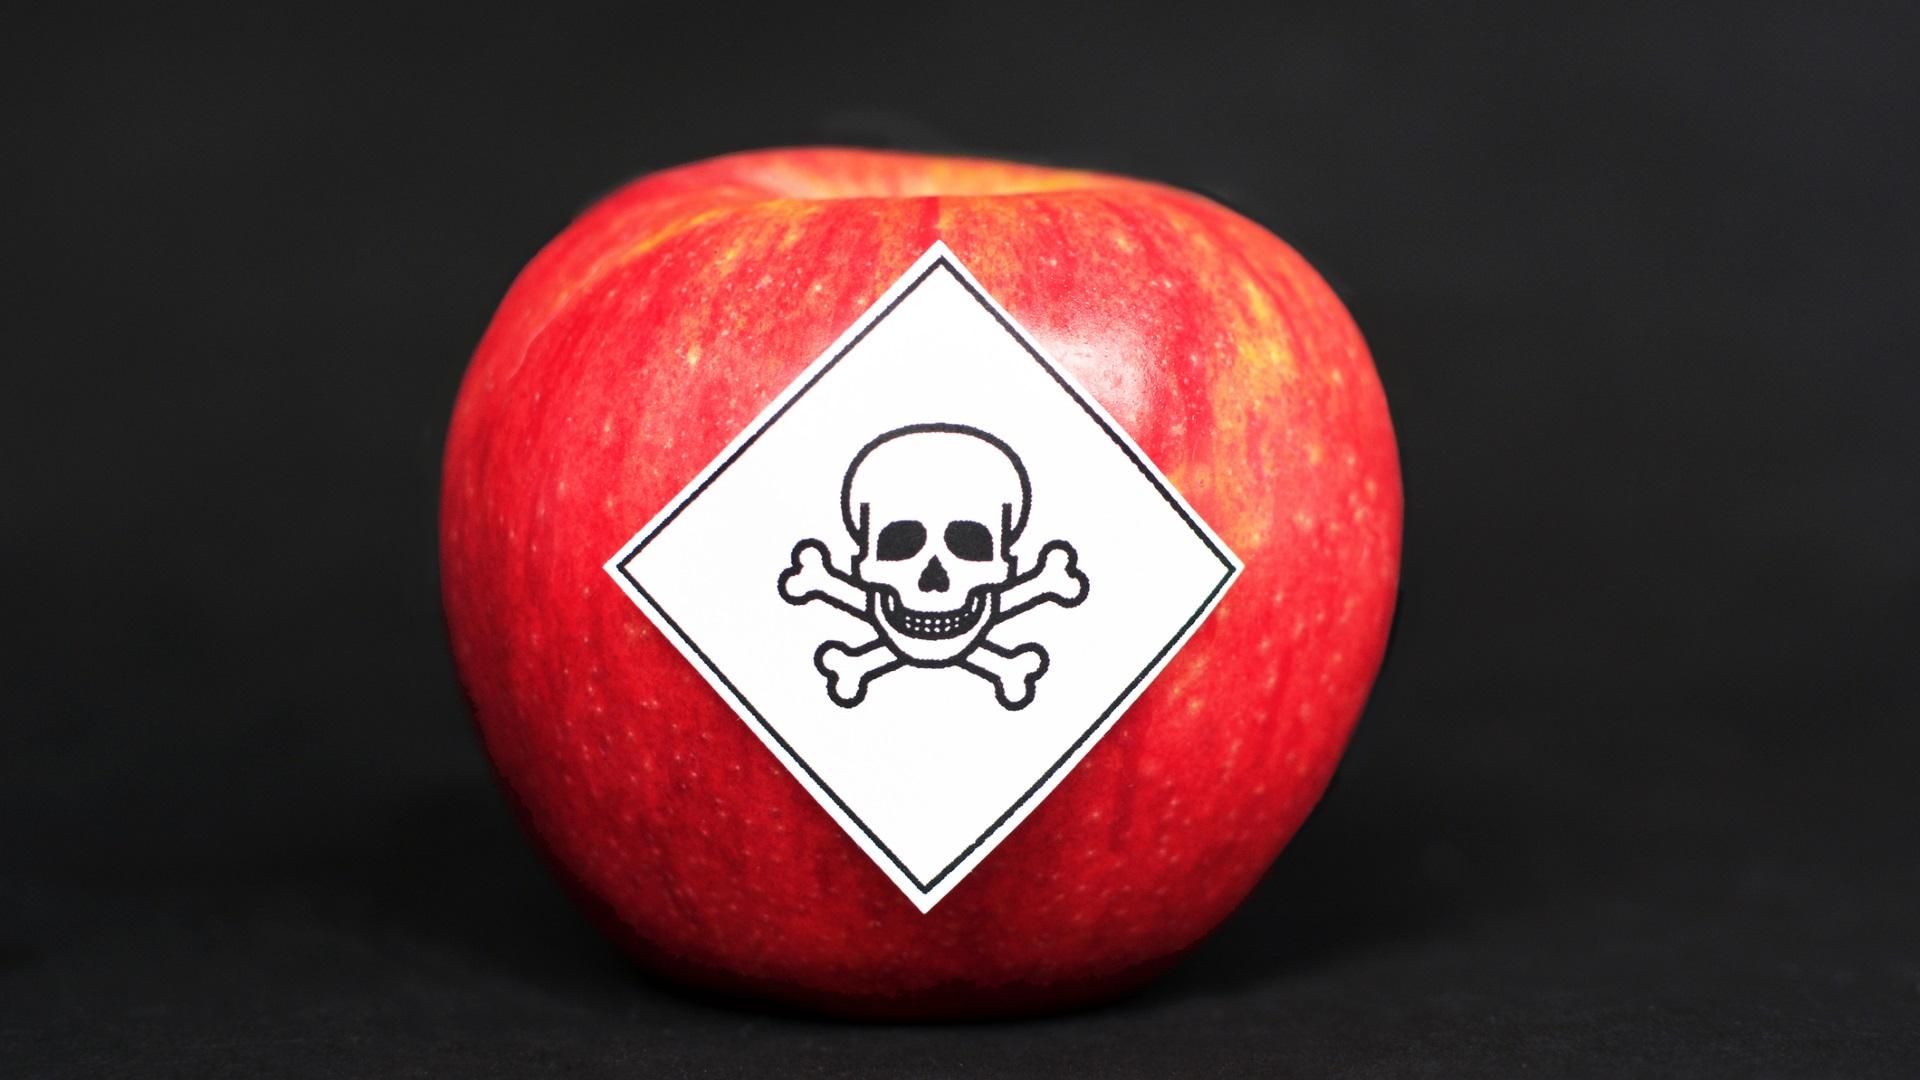 <p><strong>Може да консумирате пестициди</strong></p>  <p>За съжаление, ябълките редовно оглавяват списъка с &bdquo;мръсната дузина&rdquo; на Работната група по околна среда в САЩ, който представя плодовете и зеленчуците с най-високи остатъци от пестициди всяка година. Въпреки това, за да могат тези химикали действително да имат отрицателен ефект върху тялото ви, трябва да изядете невероятно количество ябълки. Но все пак е добре да сте информирани.</p>